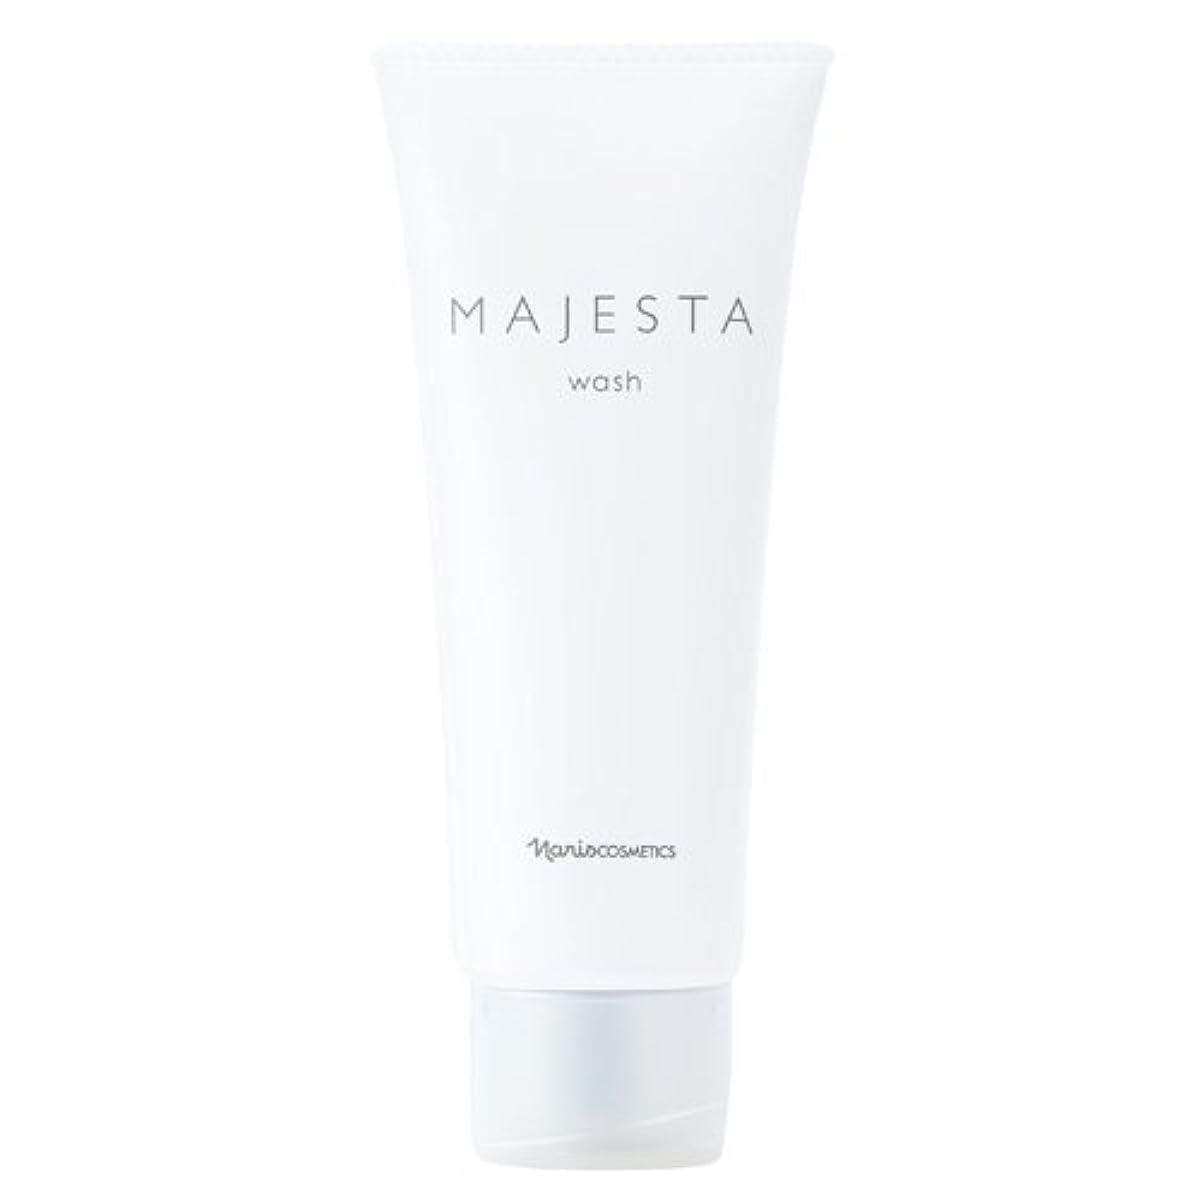 十分なプライバシー弱点ナリス化粧品 マジェスタ ウォッシュ(洗顔料)100g